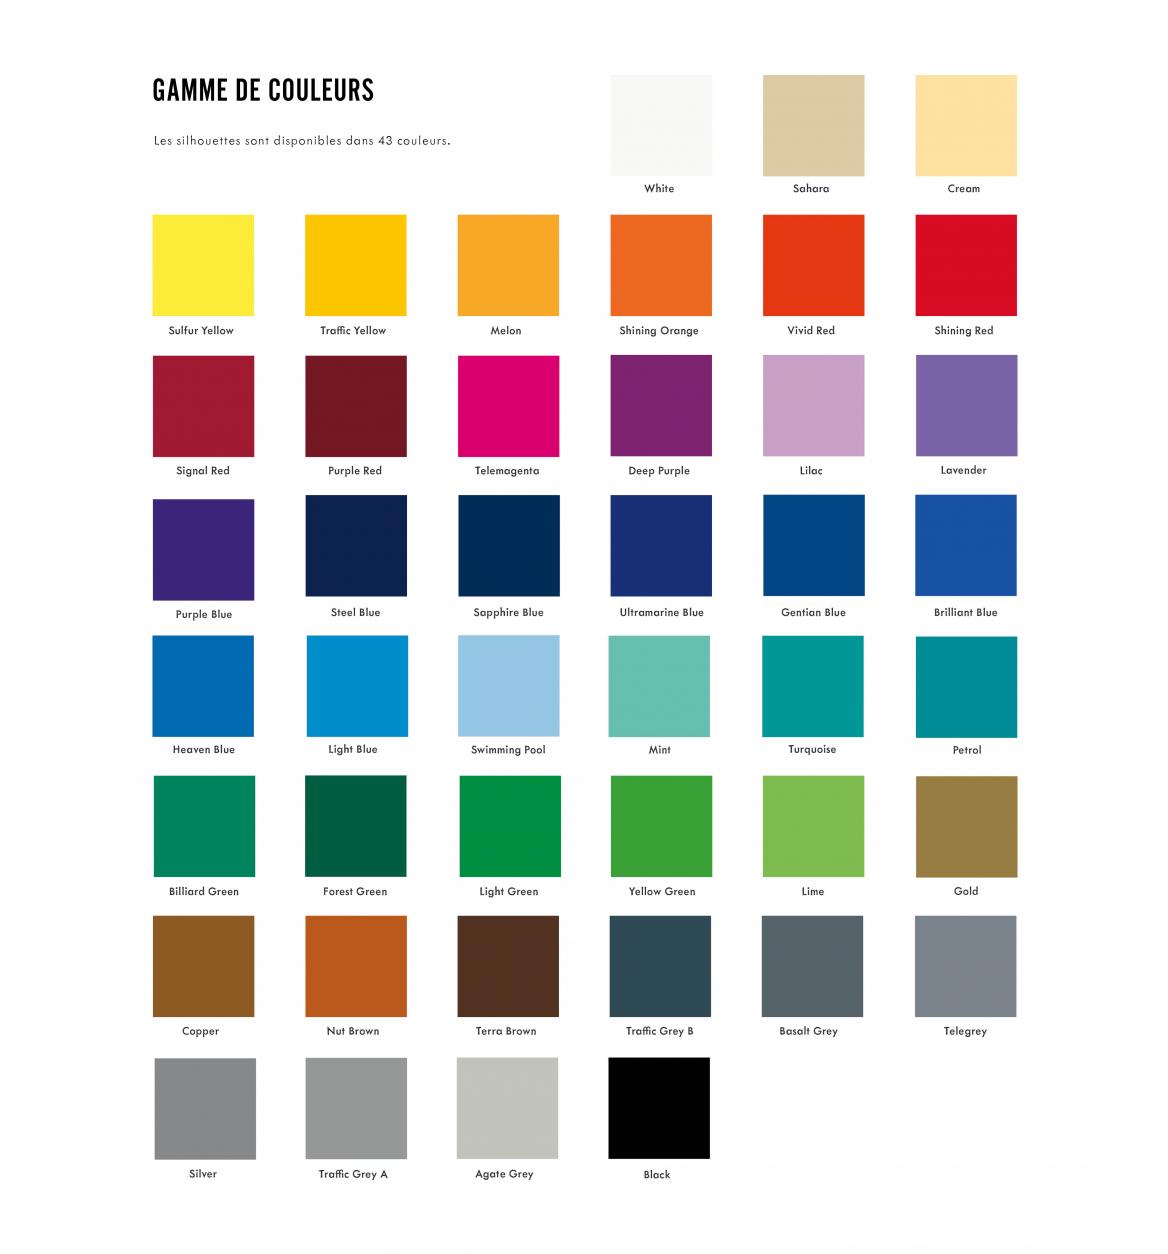 Les autocollants silhouette sont fabriqués en vinyle et disponibles dans 43 couleurs.